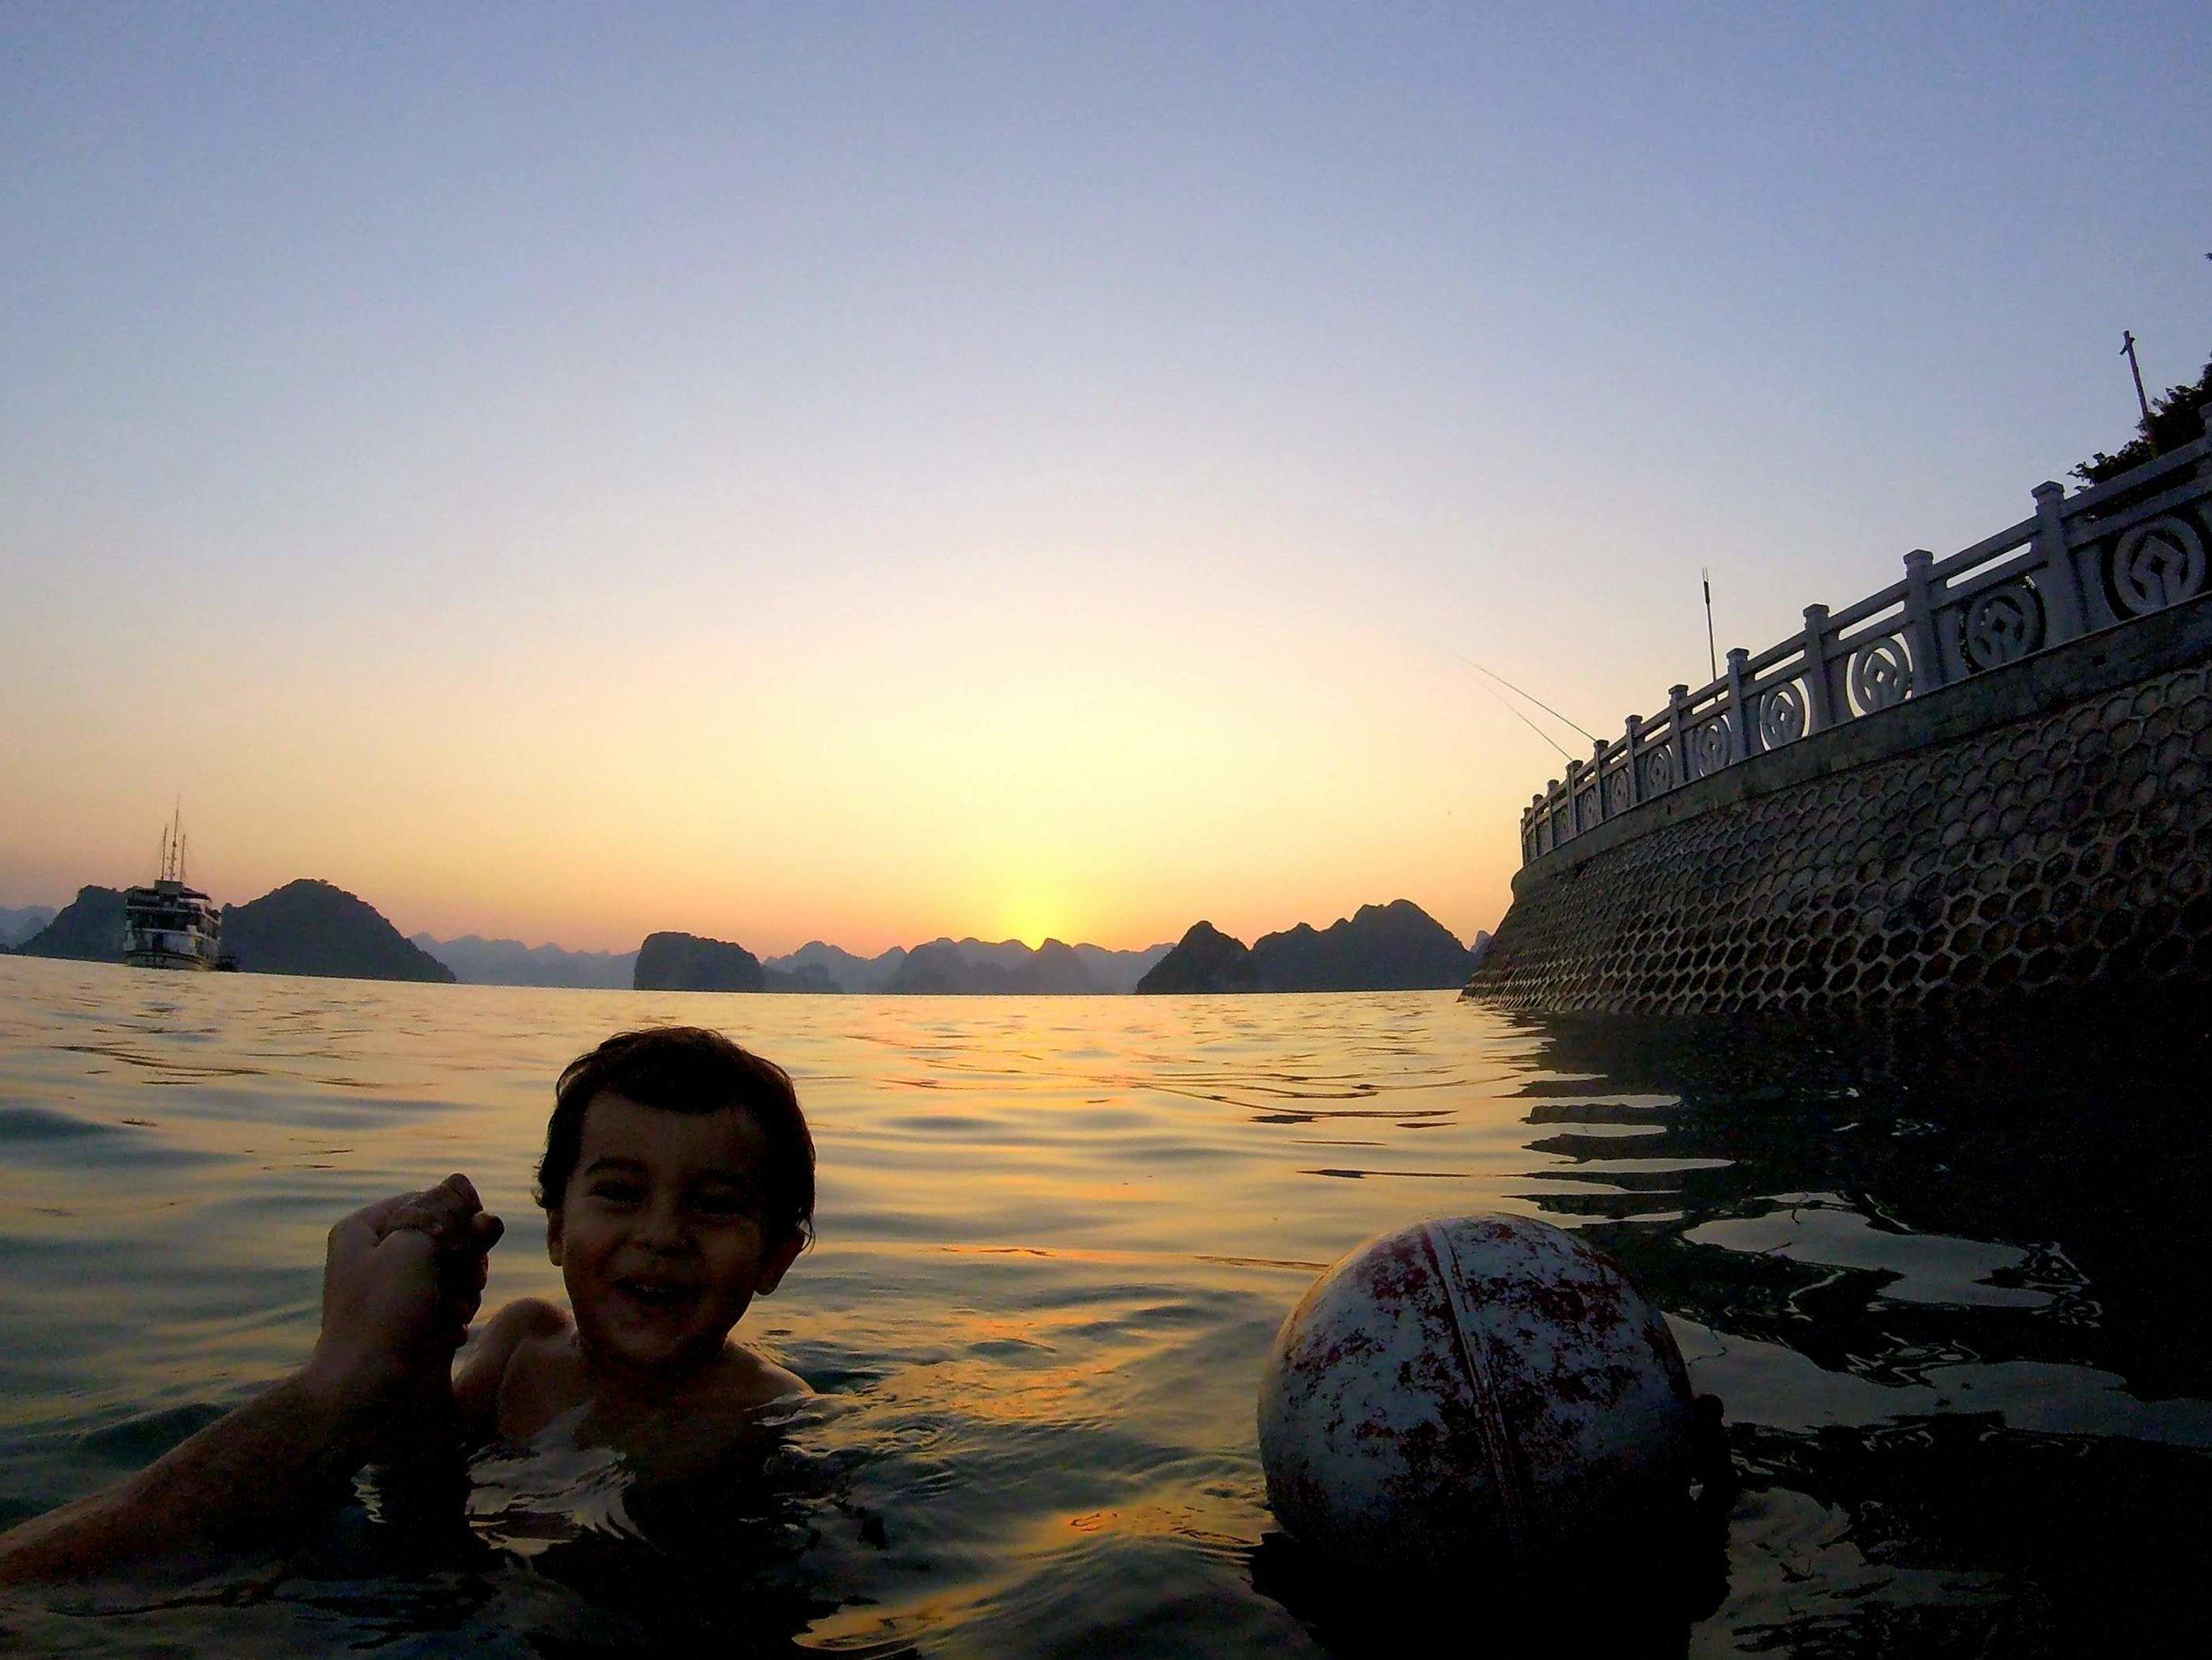 Pôr do sol no mar, na ilha Tip-Top.